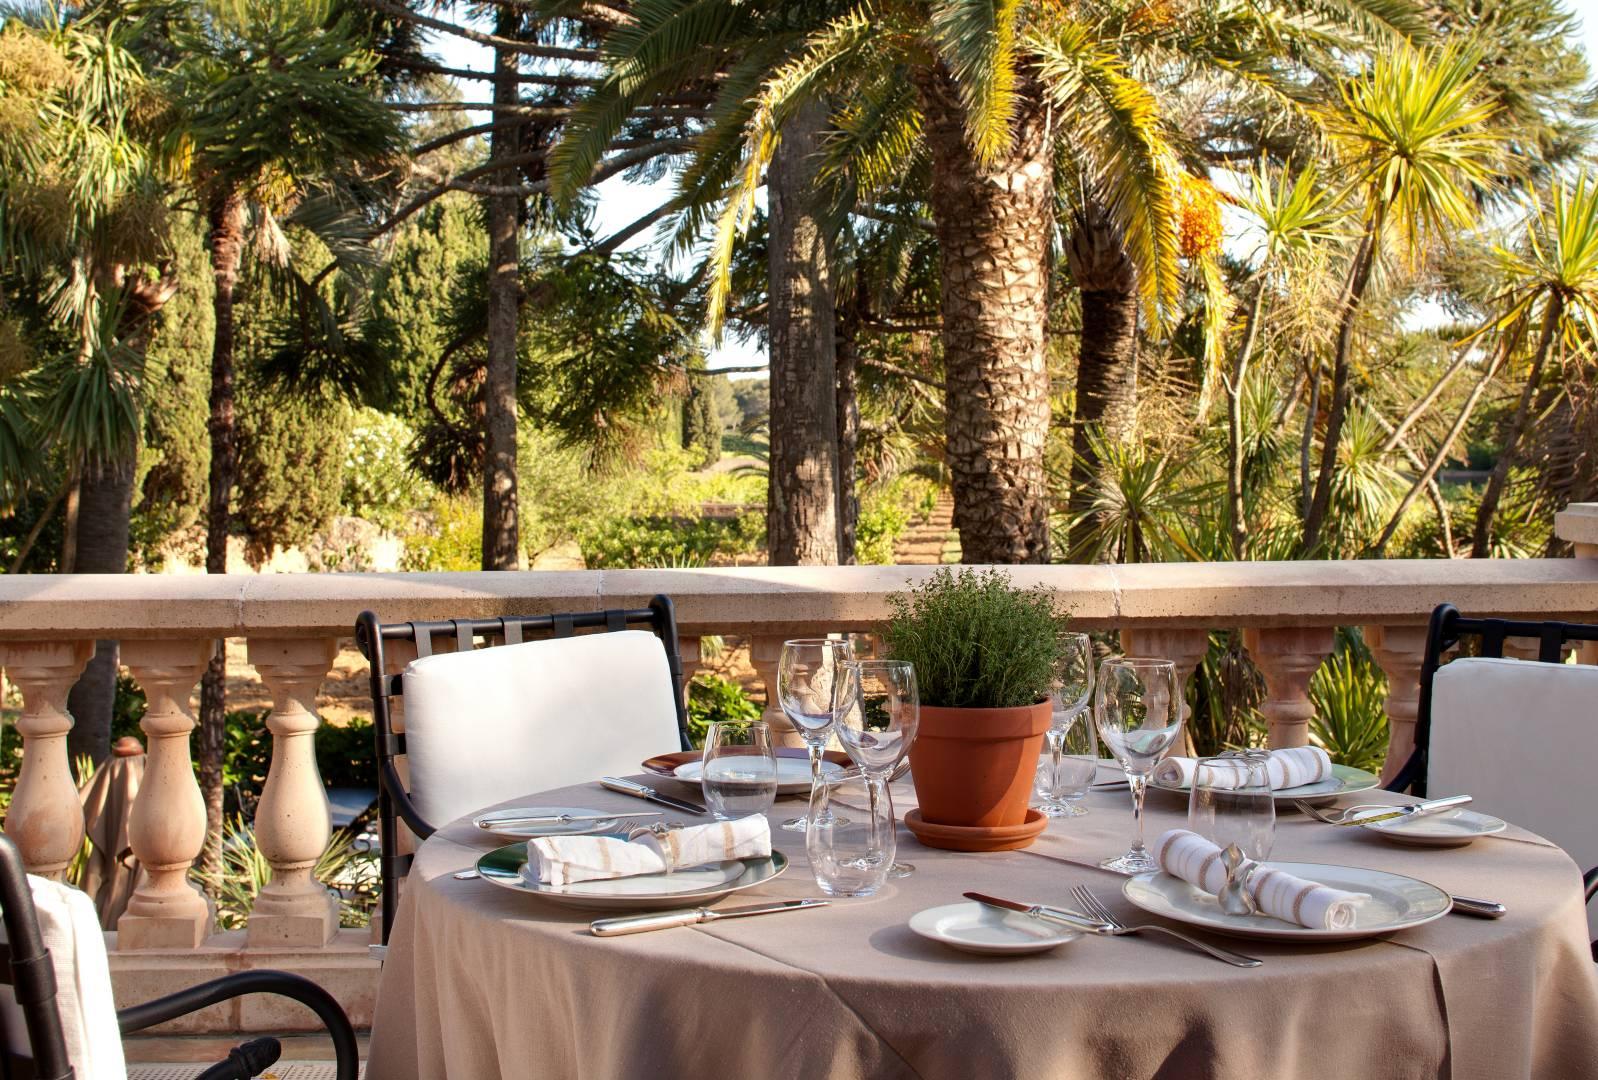 restaurant gastronomique la palmeraie